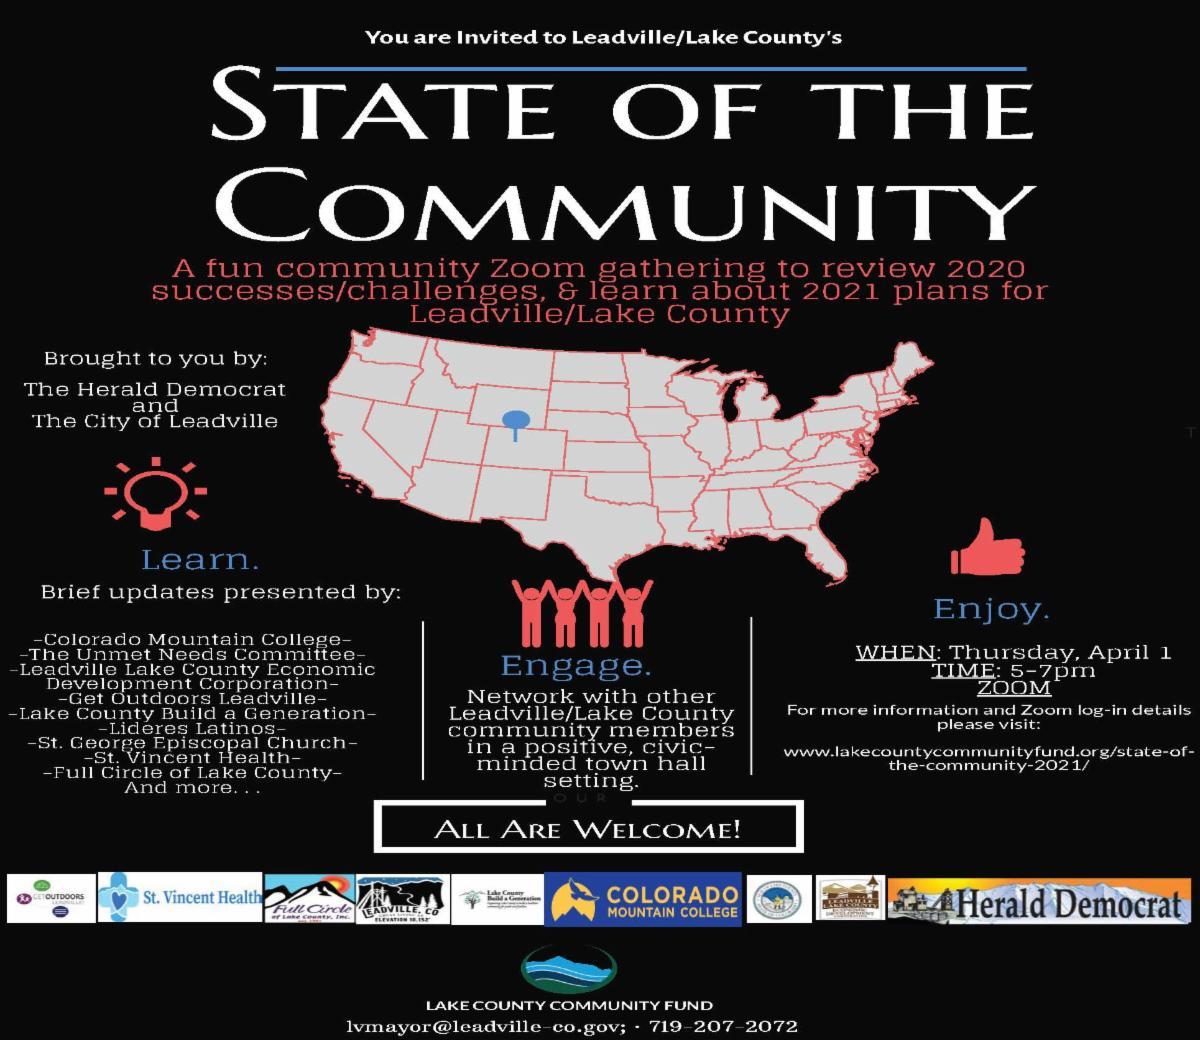 StateoftheCommunity2021.jpg